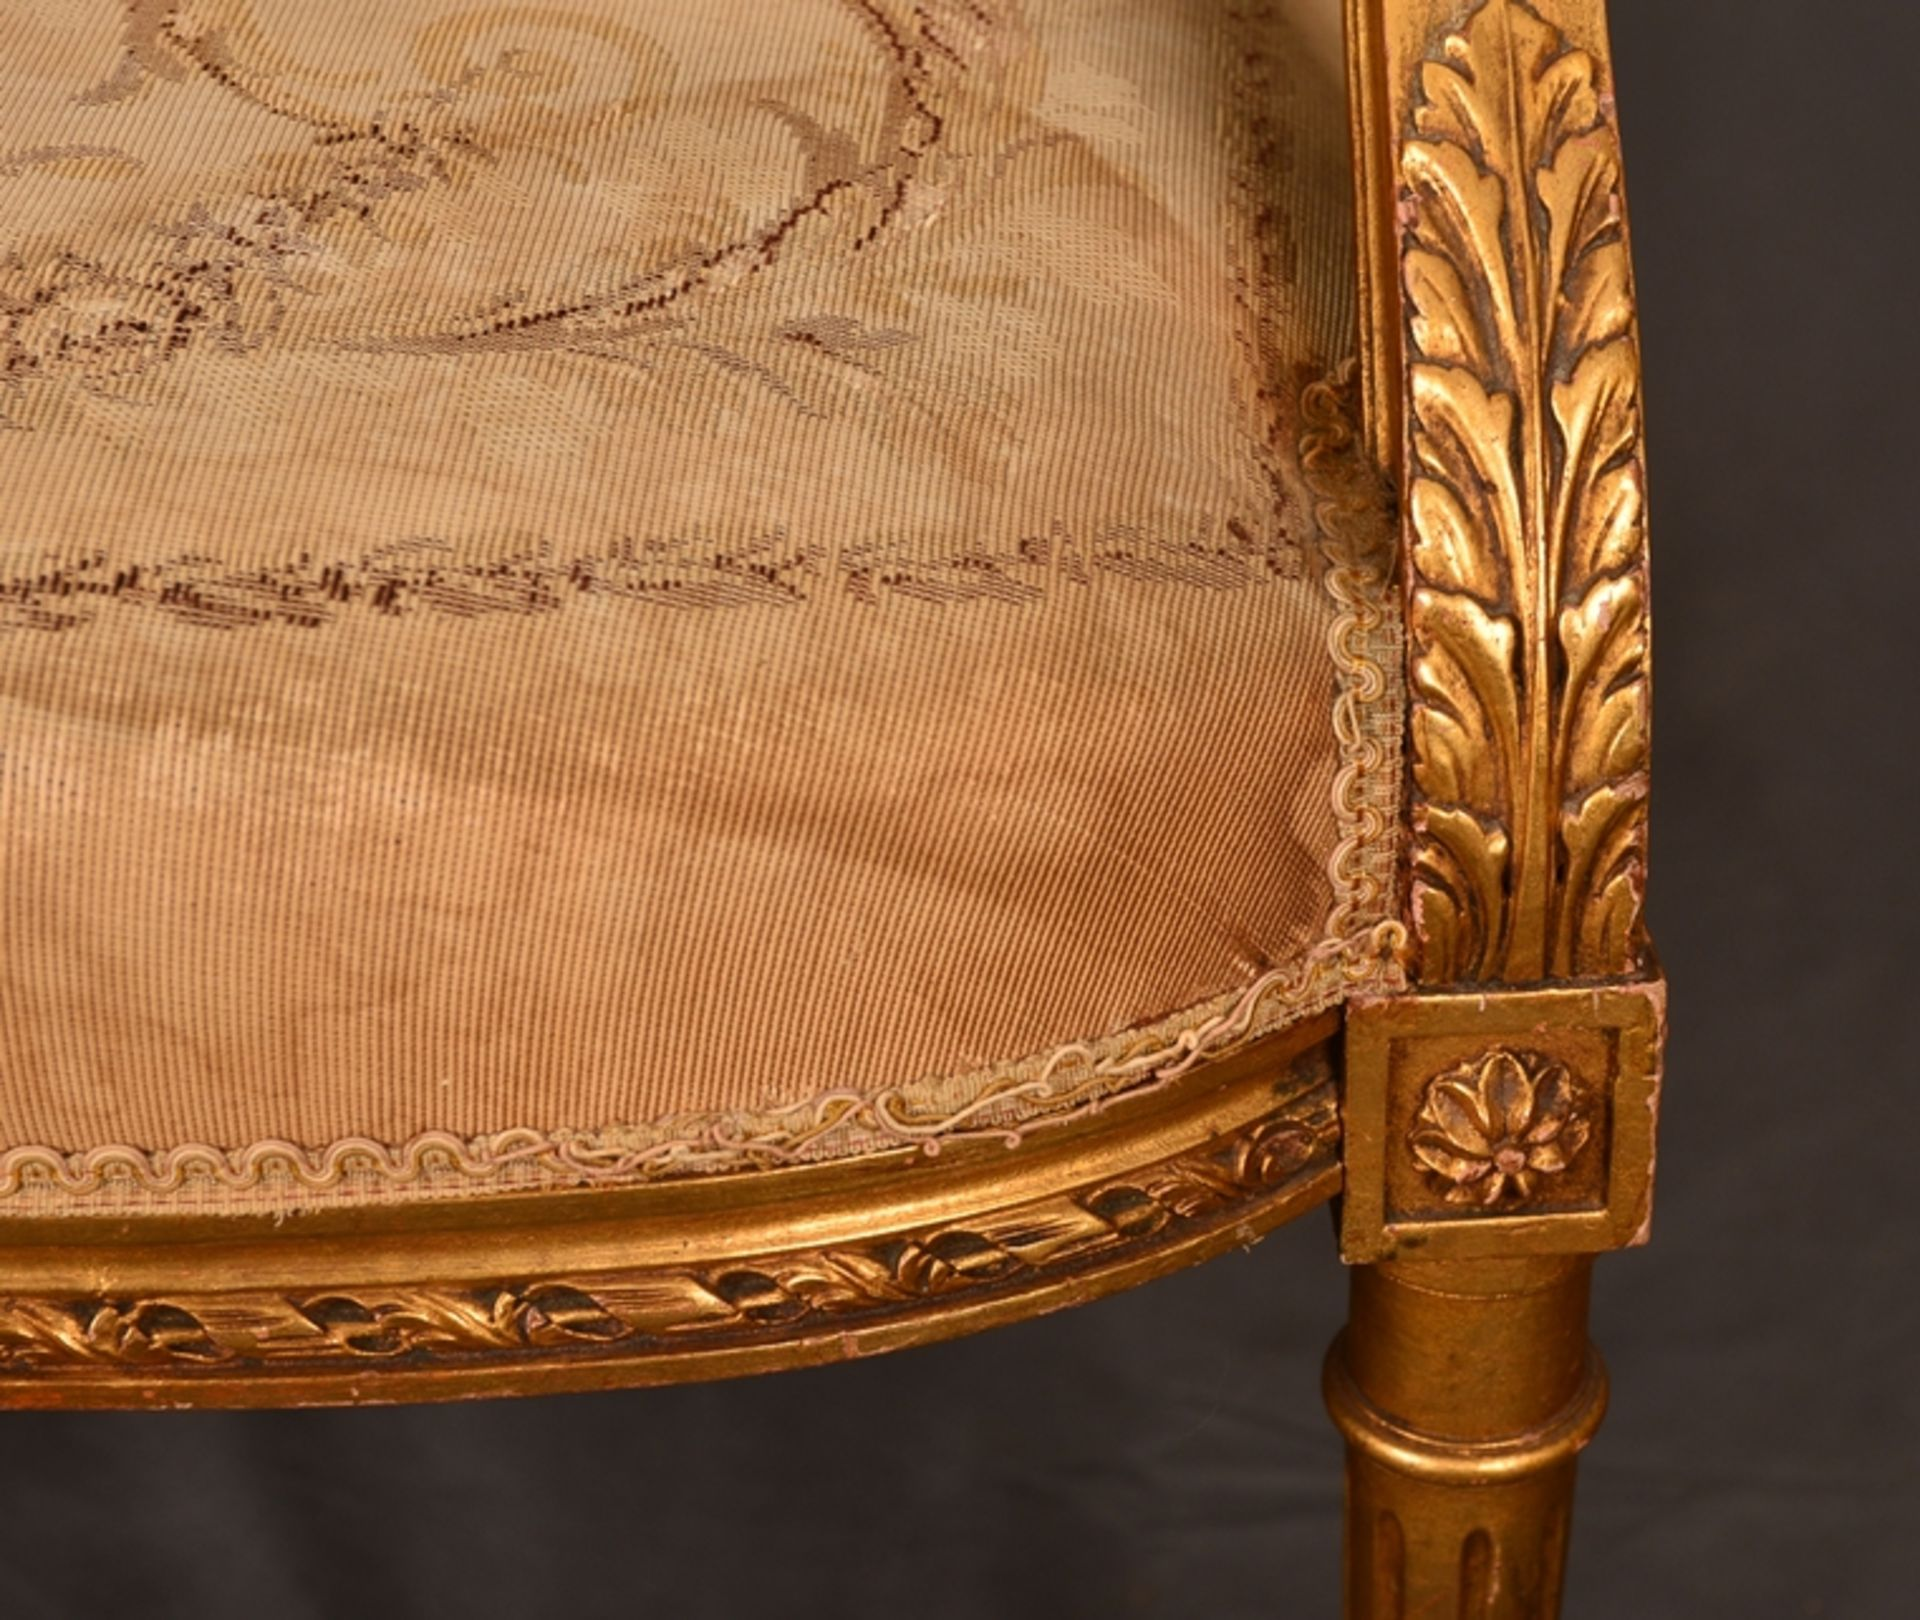 Eleganter Armlehnstuhl sog. Fauteuil, Louis XVI-Stil, Frankreich um 1890, originale Stoffbespannung, - Bild 5 aus 12